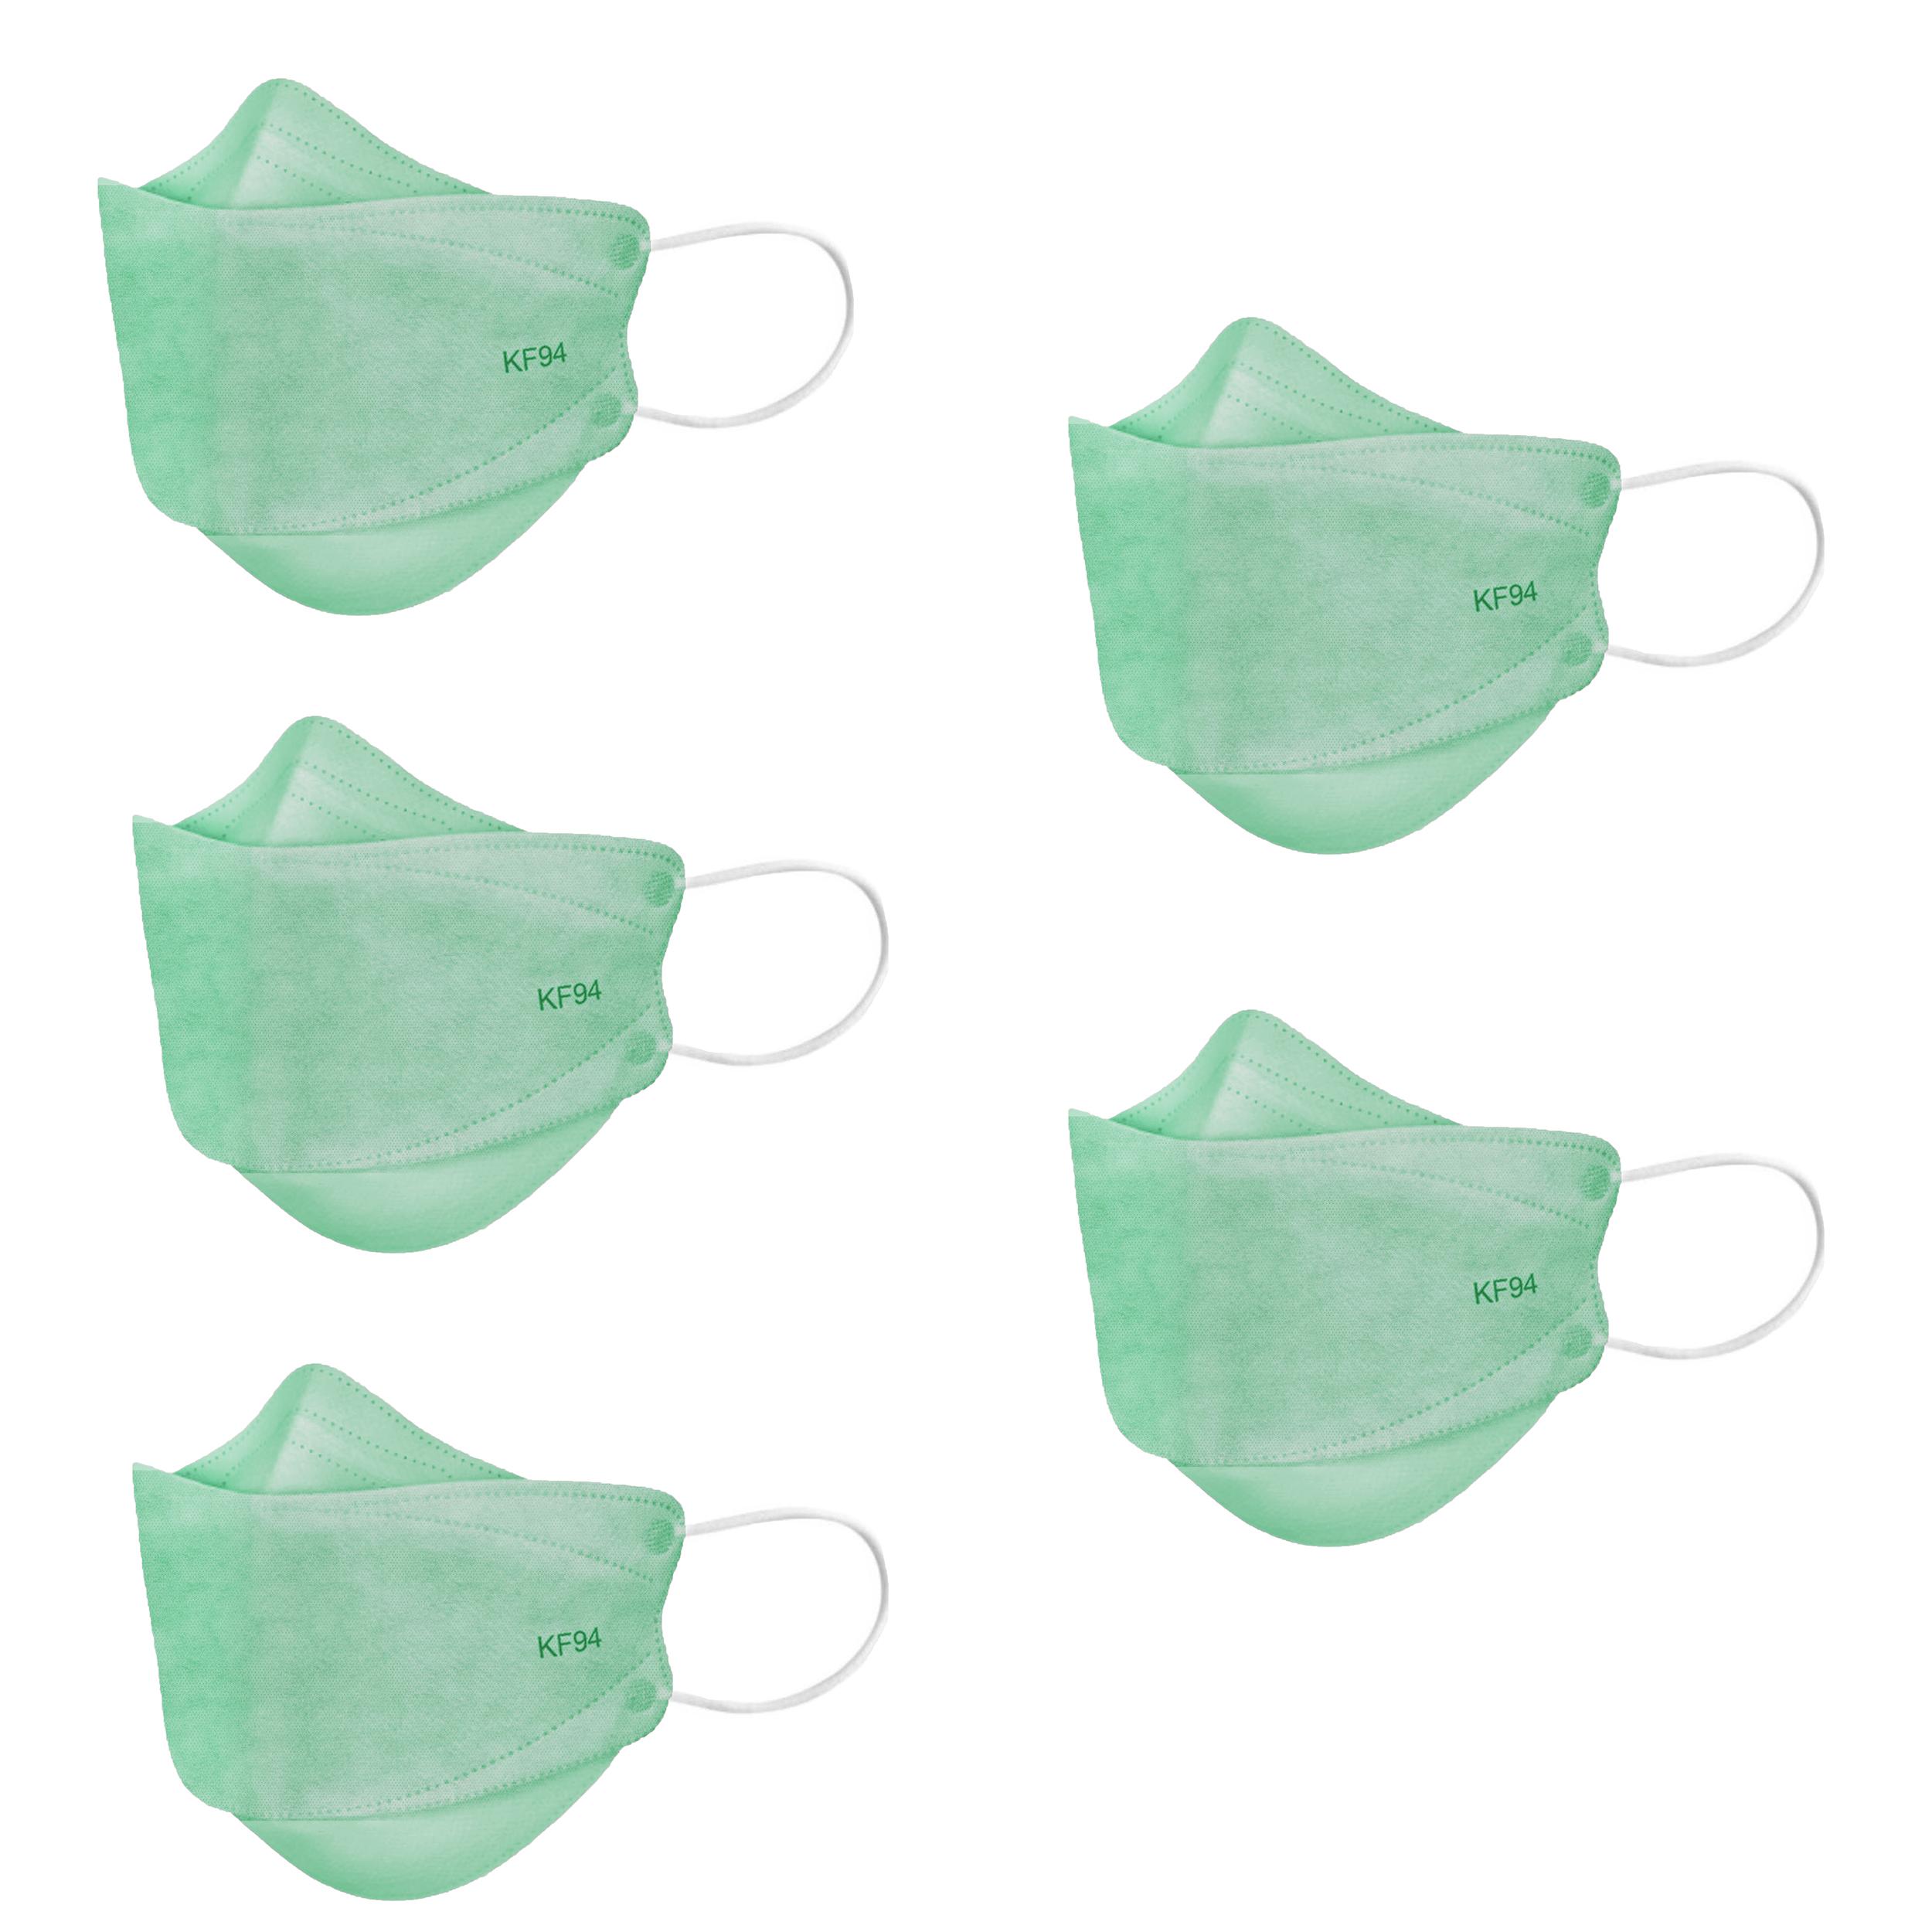 ماسک تنفسی اس اچ ام کد LY4-0075-sa بسته 5 عددی